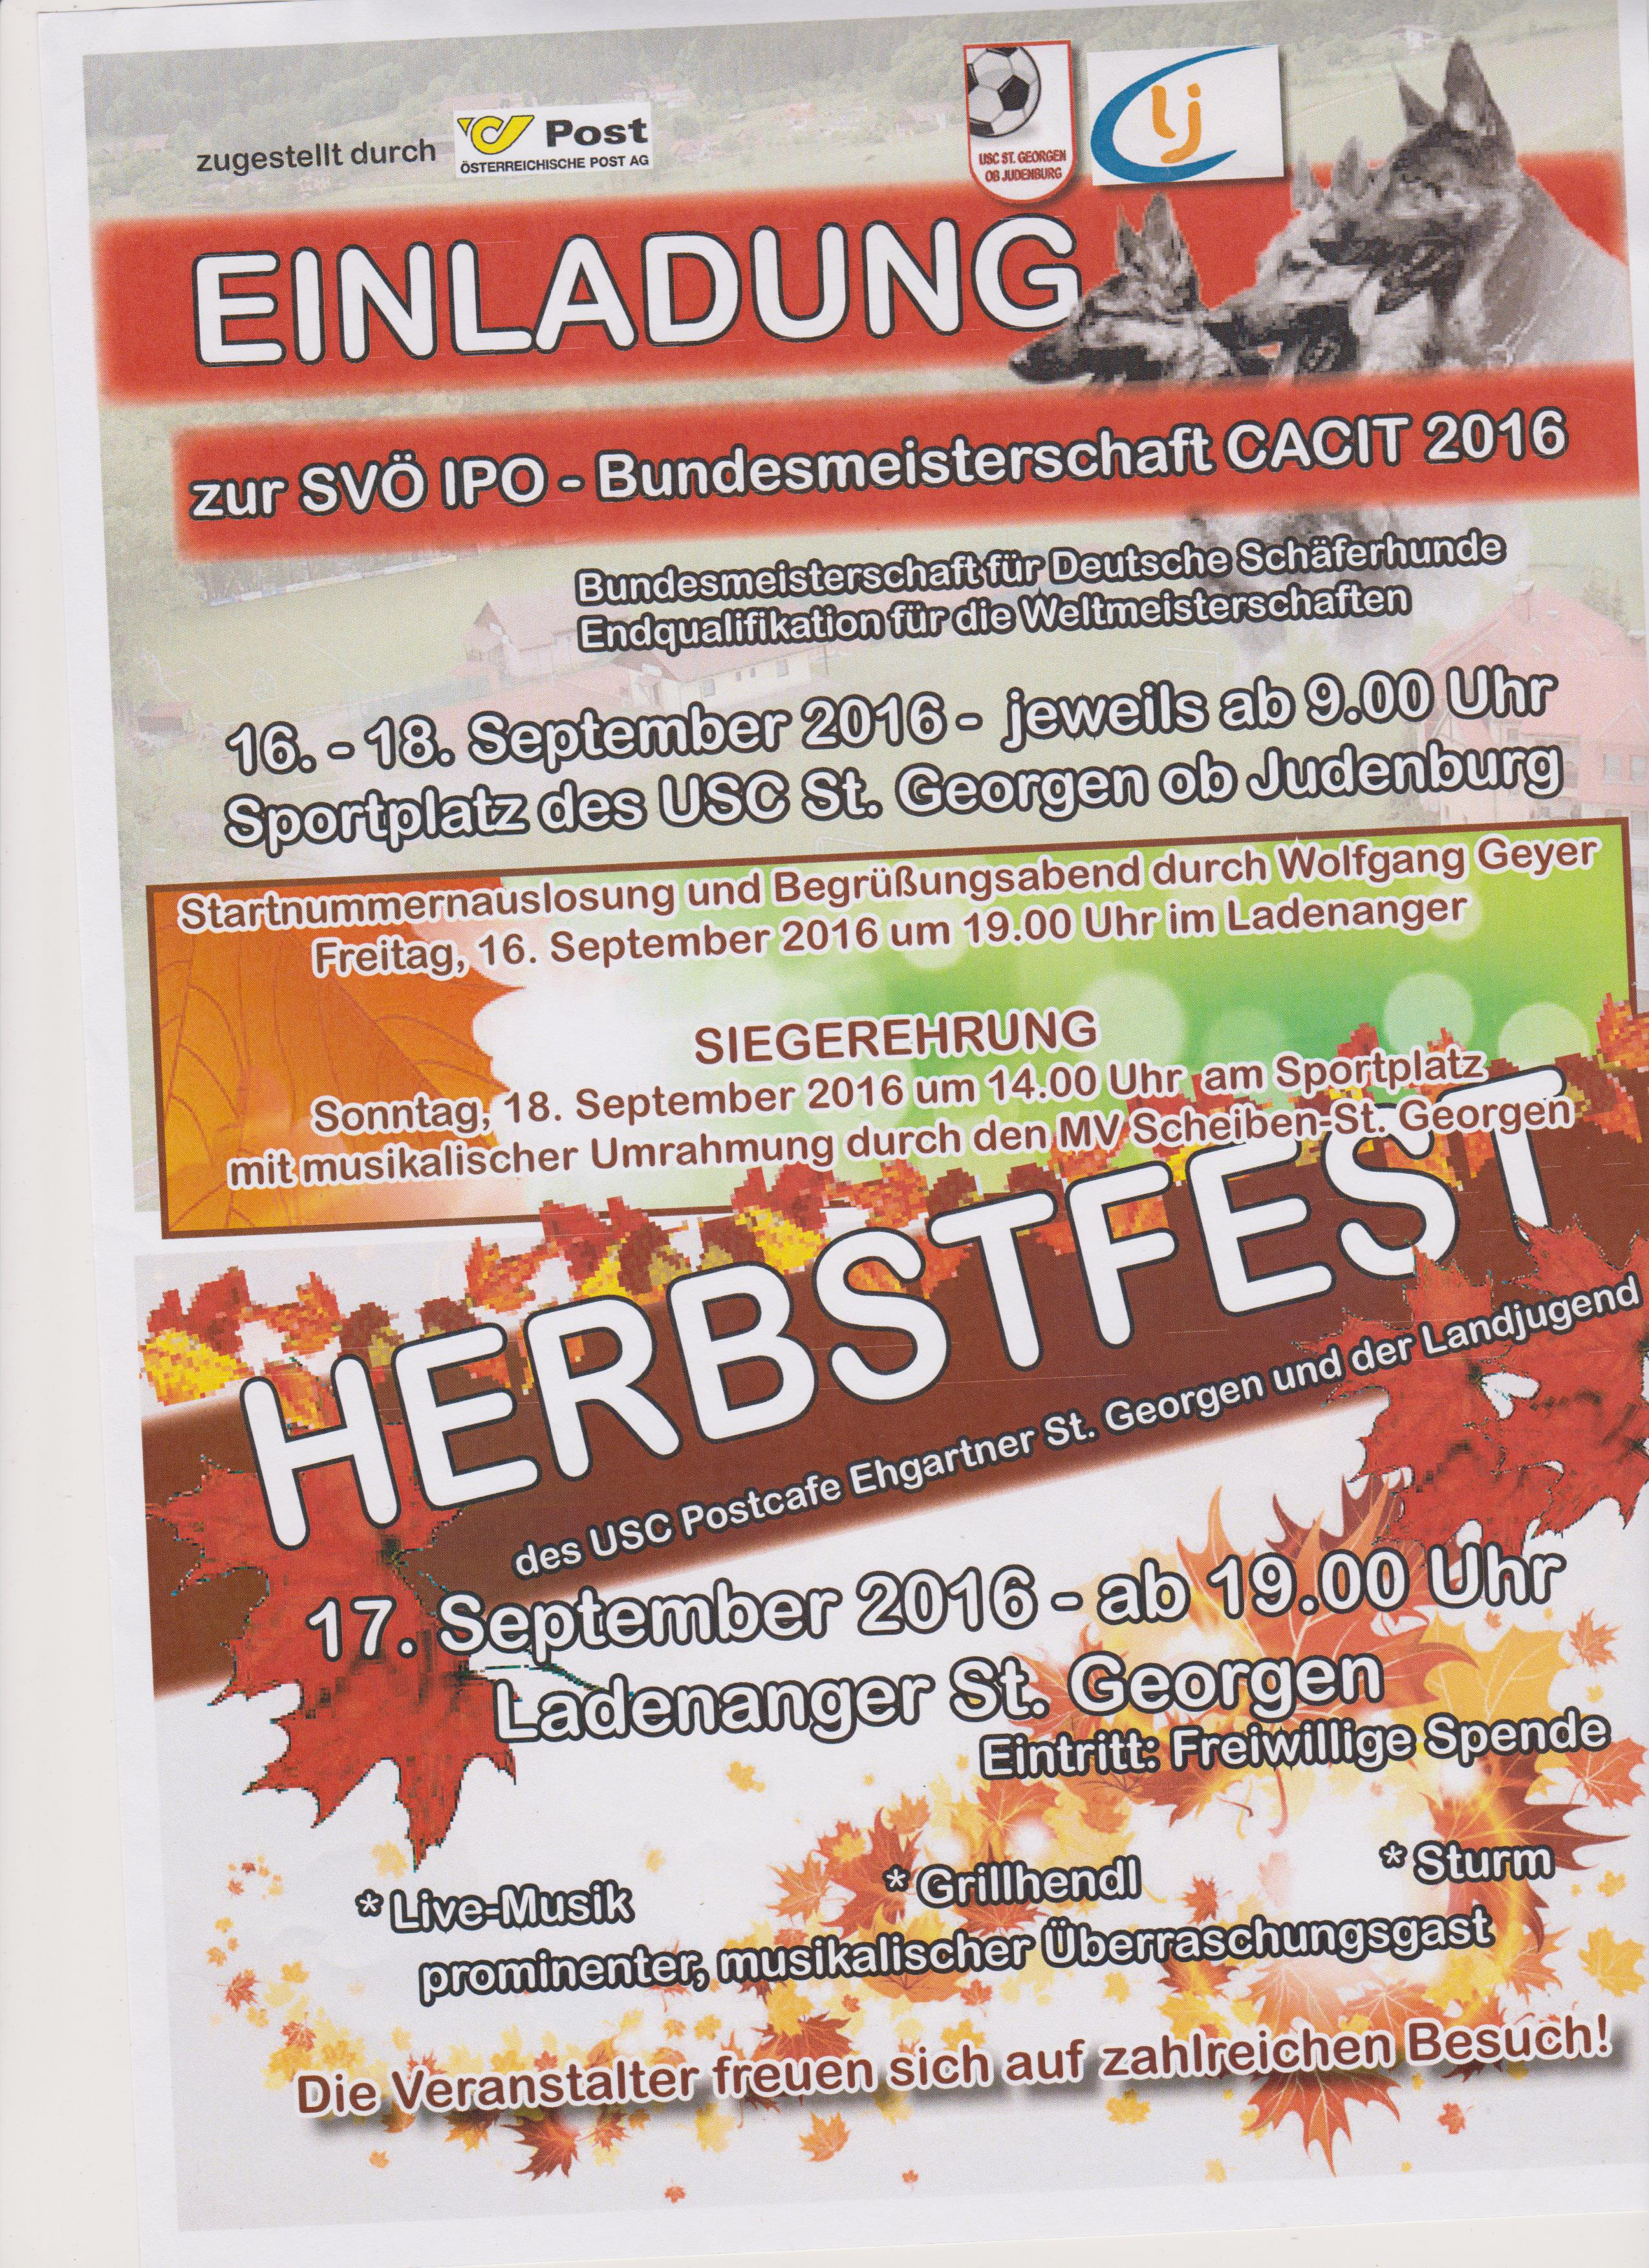 herbstfest-001